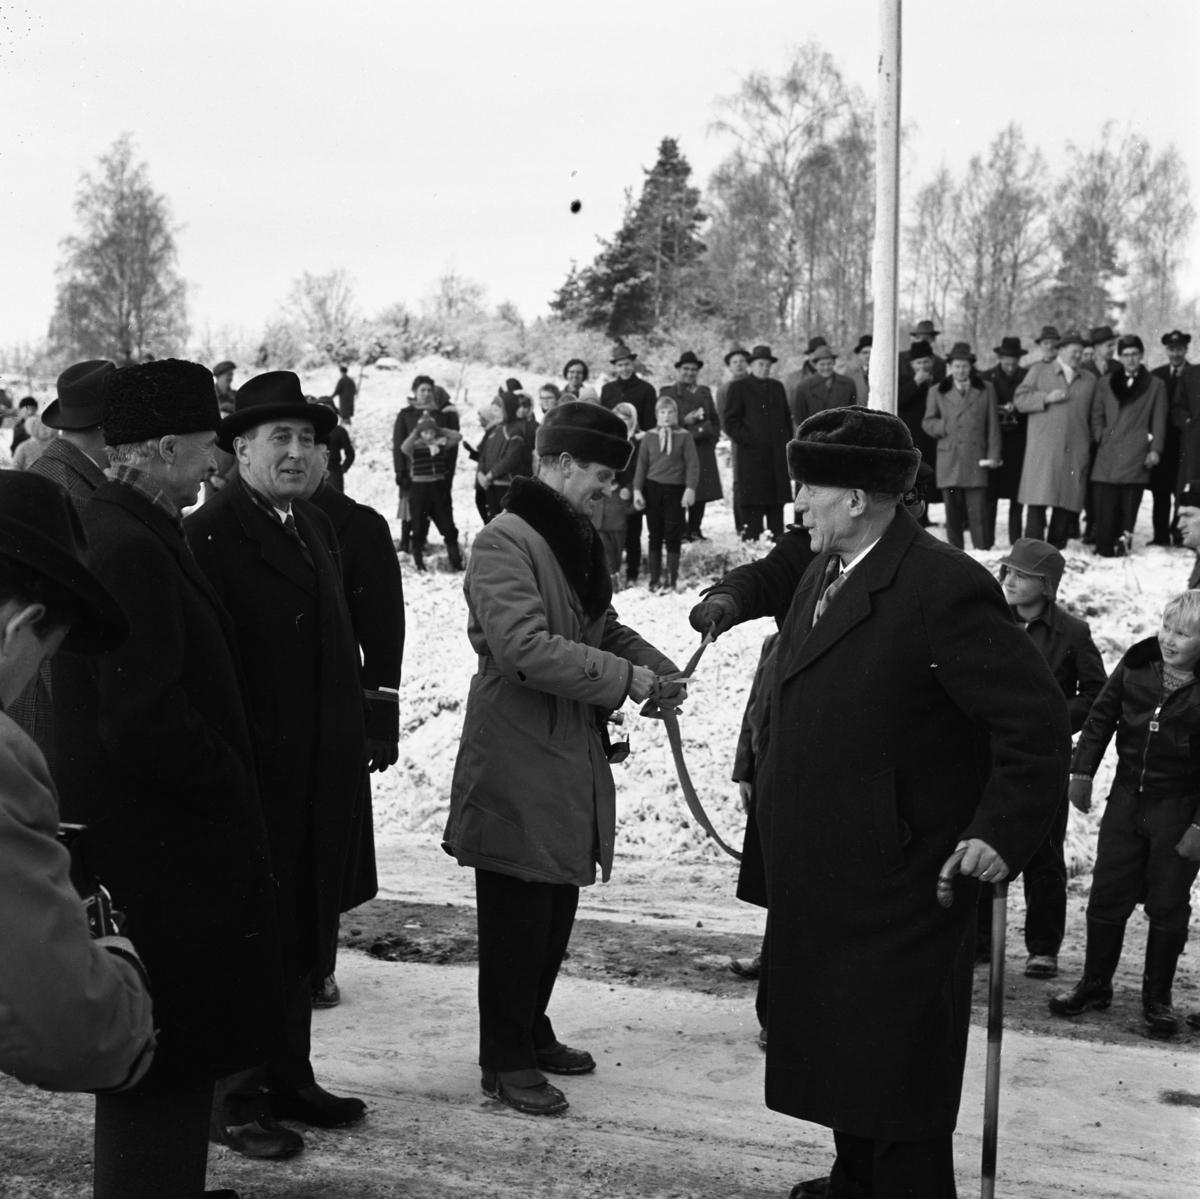 Bandet klipps. Örebrovägen öppnas efter ombyggnad. En stor publik, de flesta män, har samlats.  Det är vinter och snö.